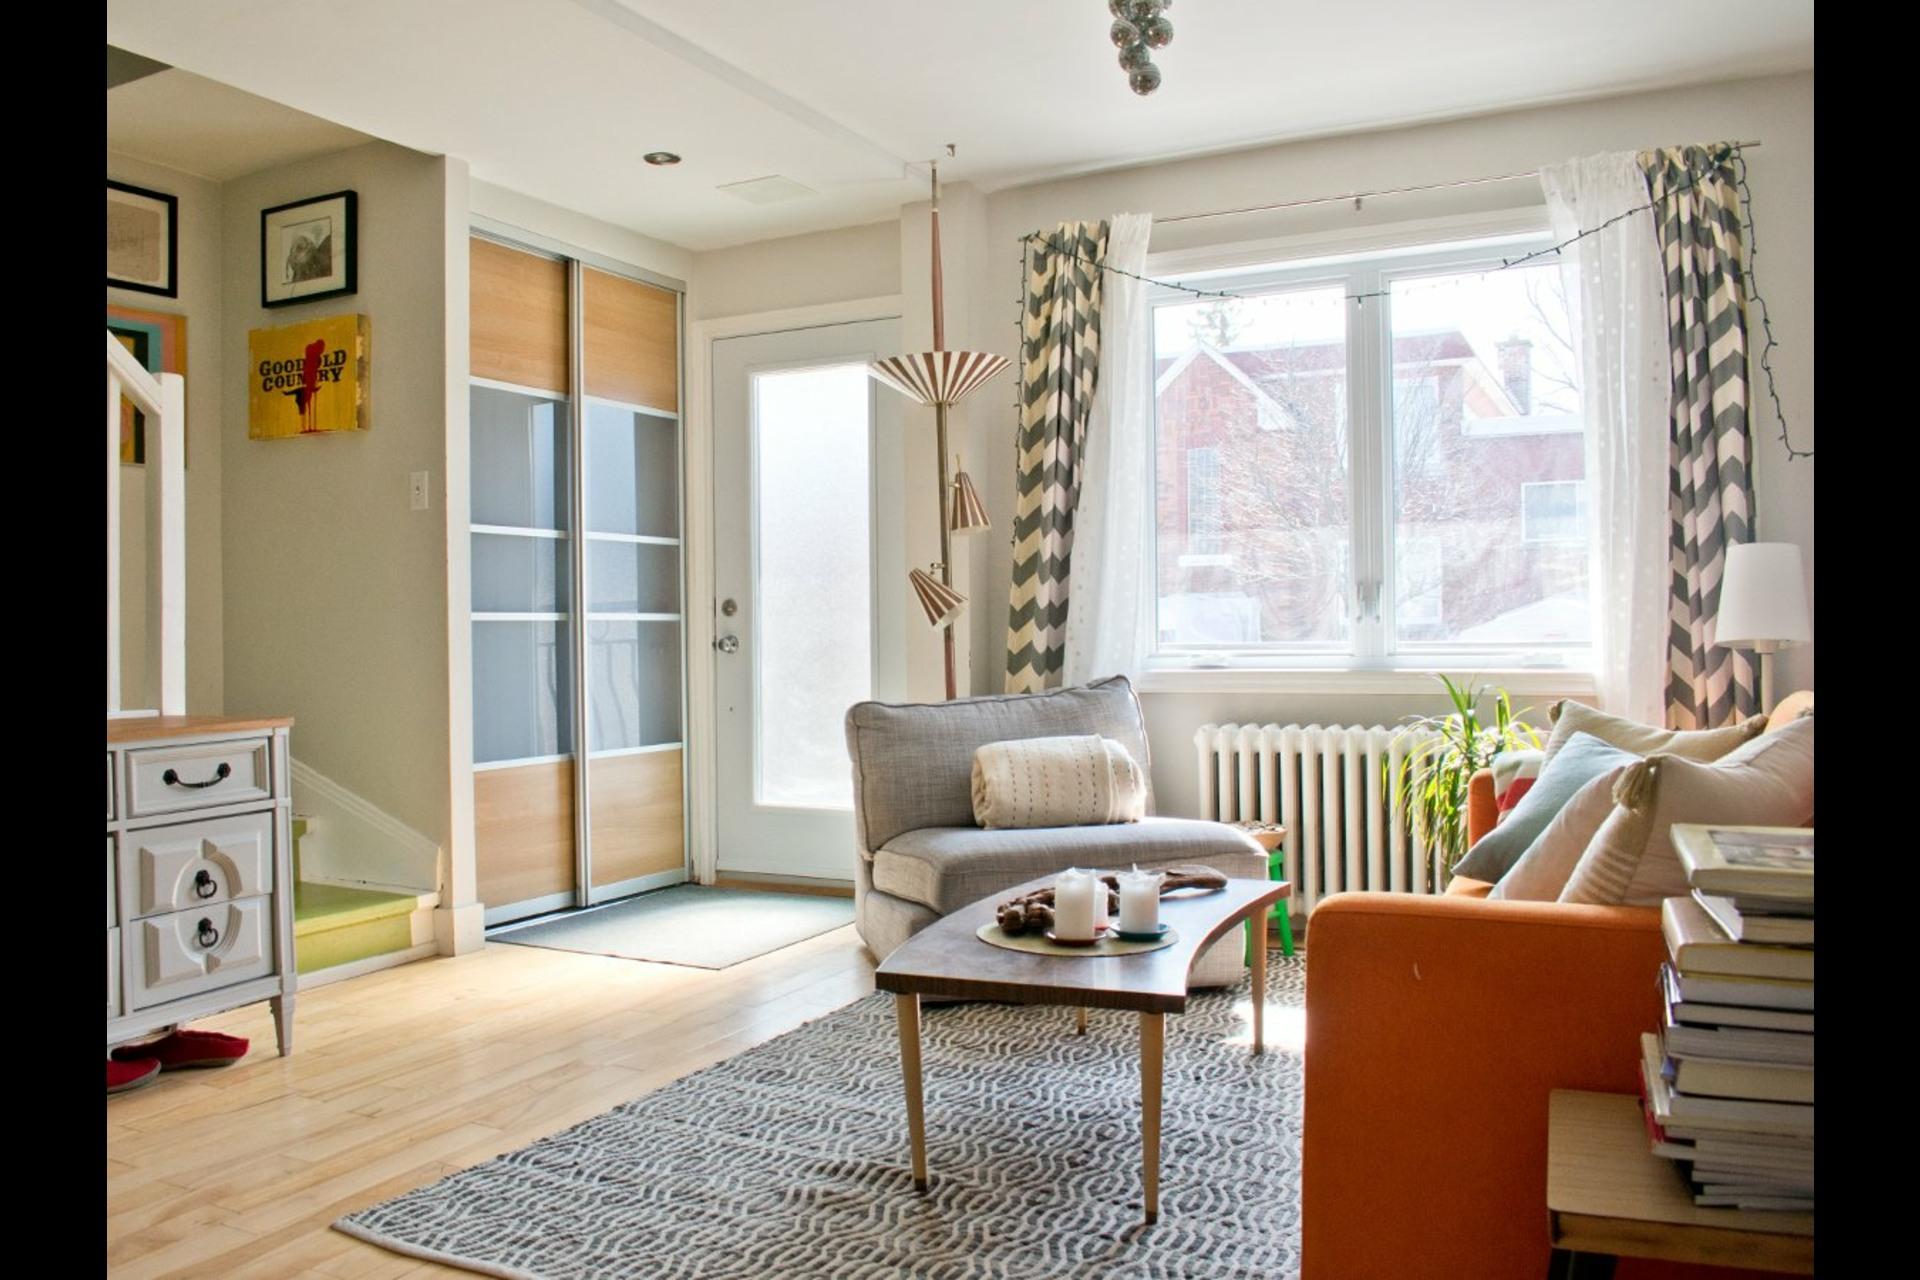 image 2 - House For sale Villeray/Saint-Michel/Parc-Extension Montréal  - 9 rooms